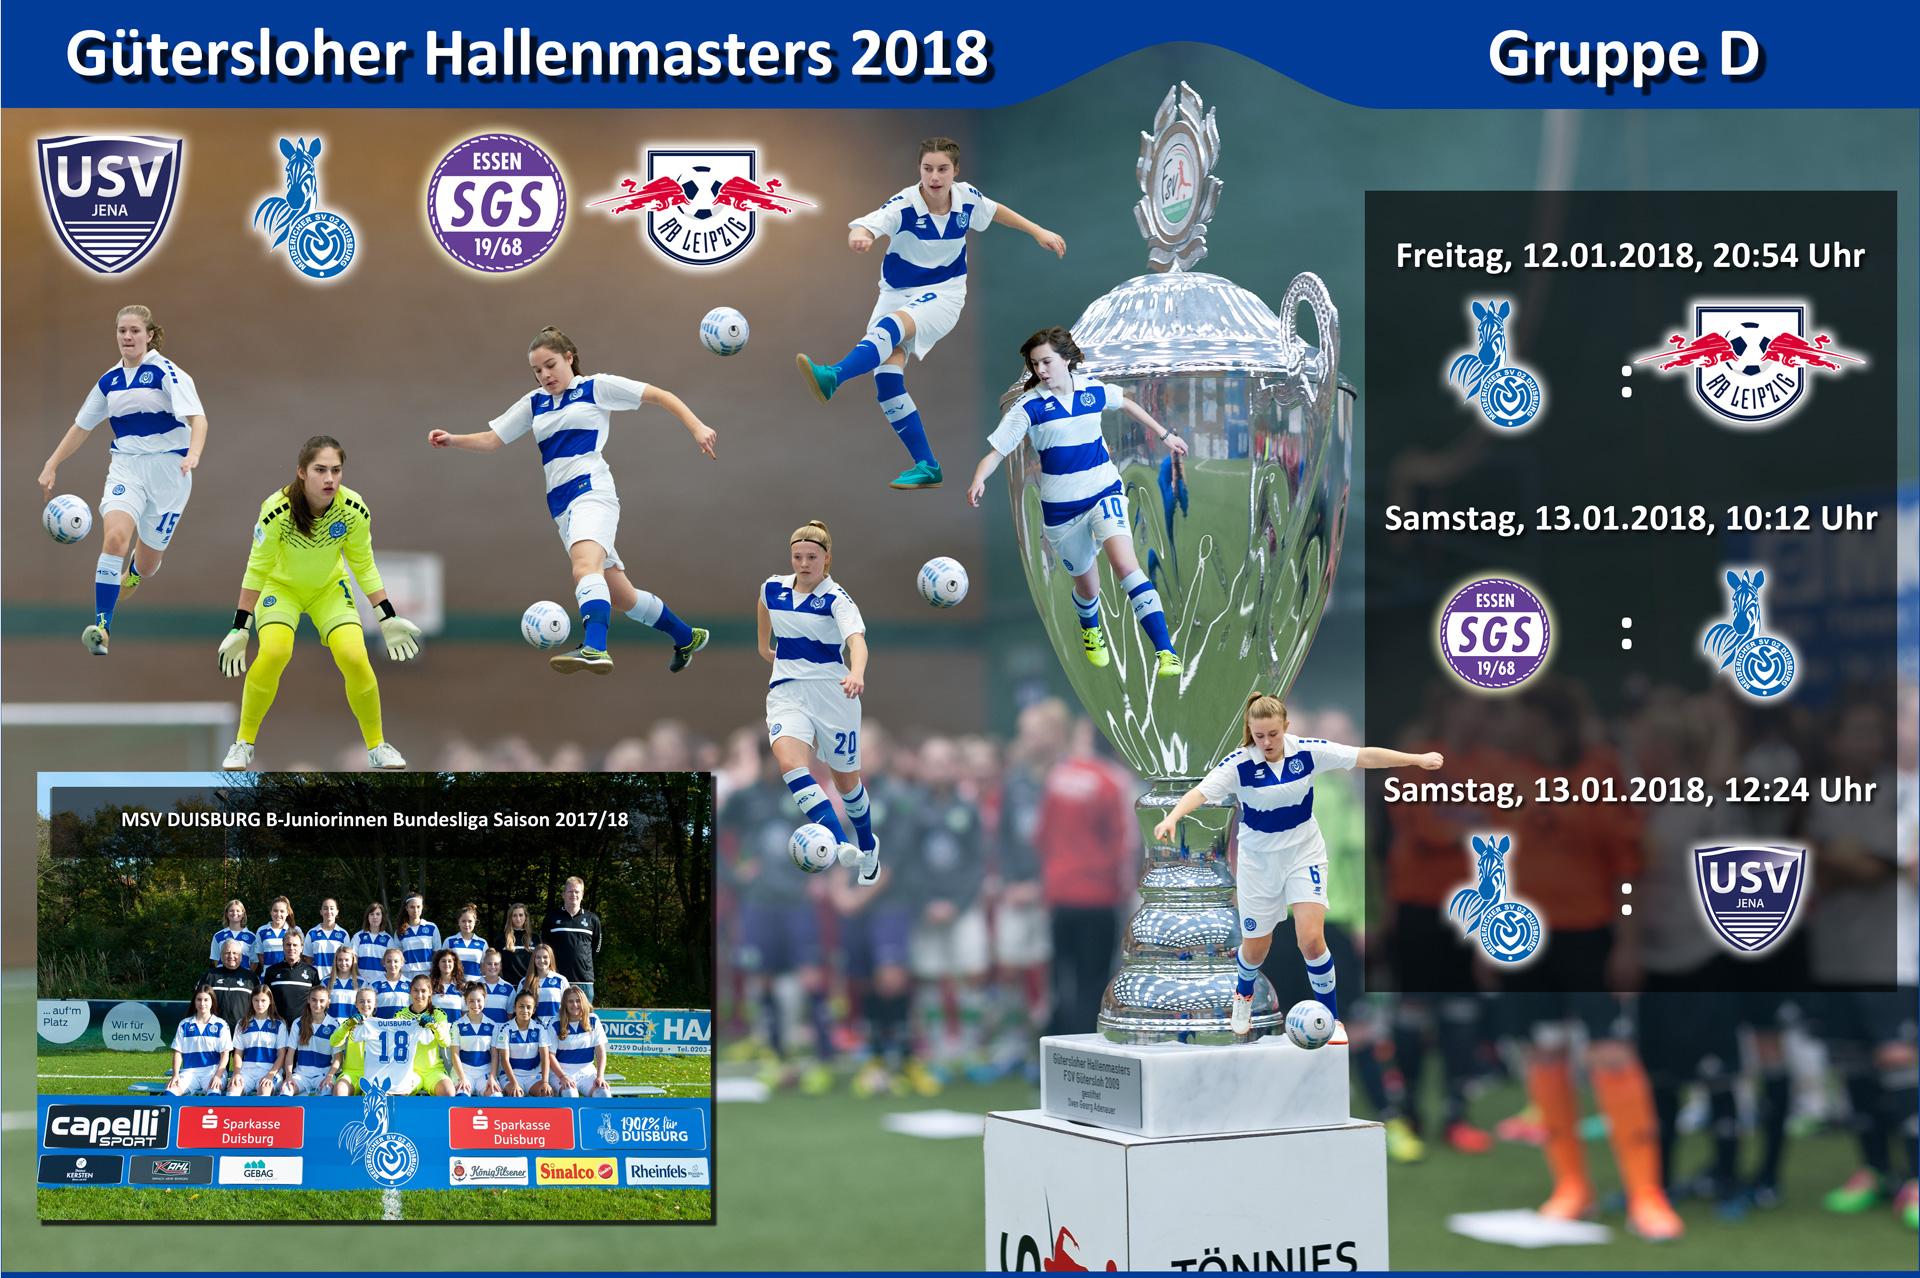 Es geht wieder los - Der MSV Duisburg trifft in der Vorrundengruppe D des Gütersloher Hallenmasters auf die Topteams aus Essen, Jena & Leipzig